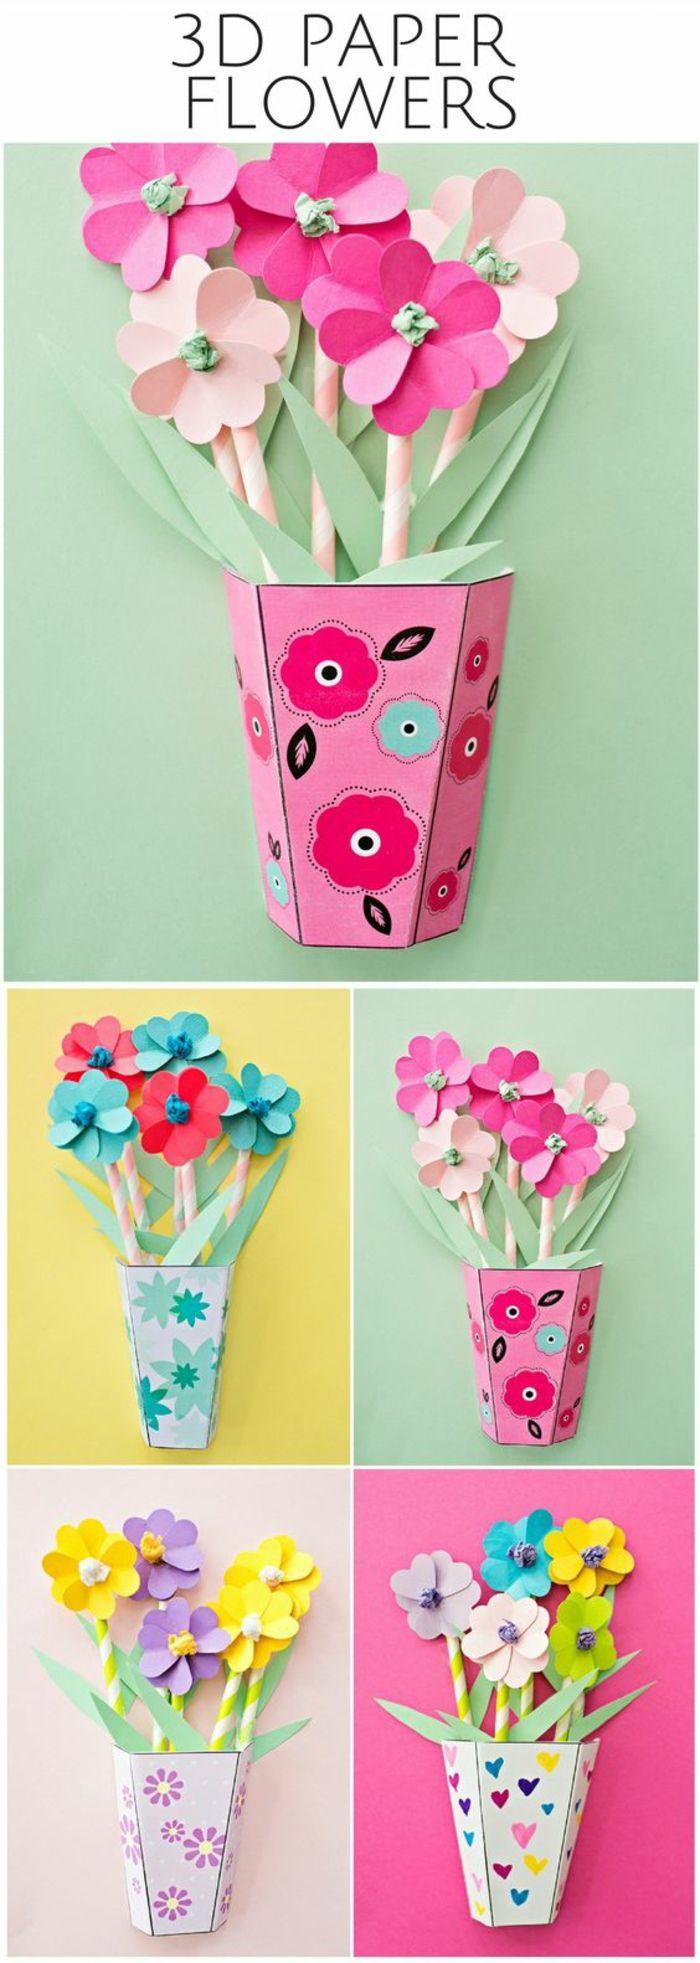 einfache bastelideen zum nachmachen, deko mit papierblumen ...